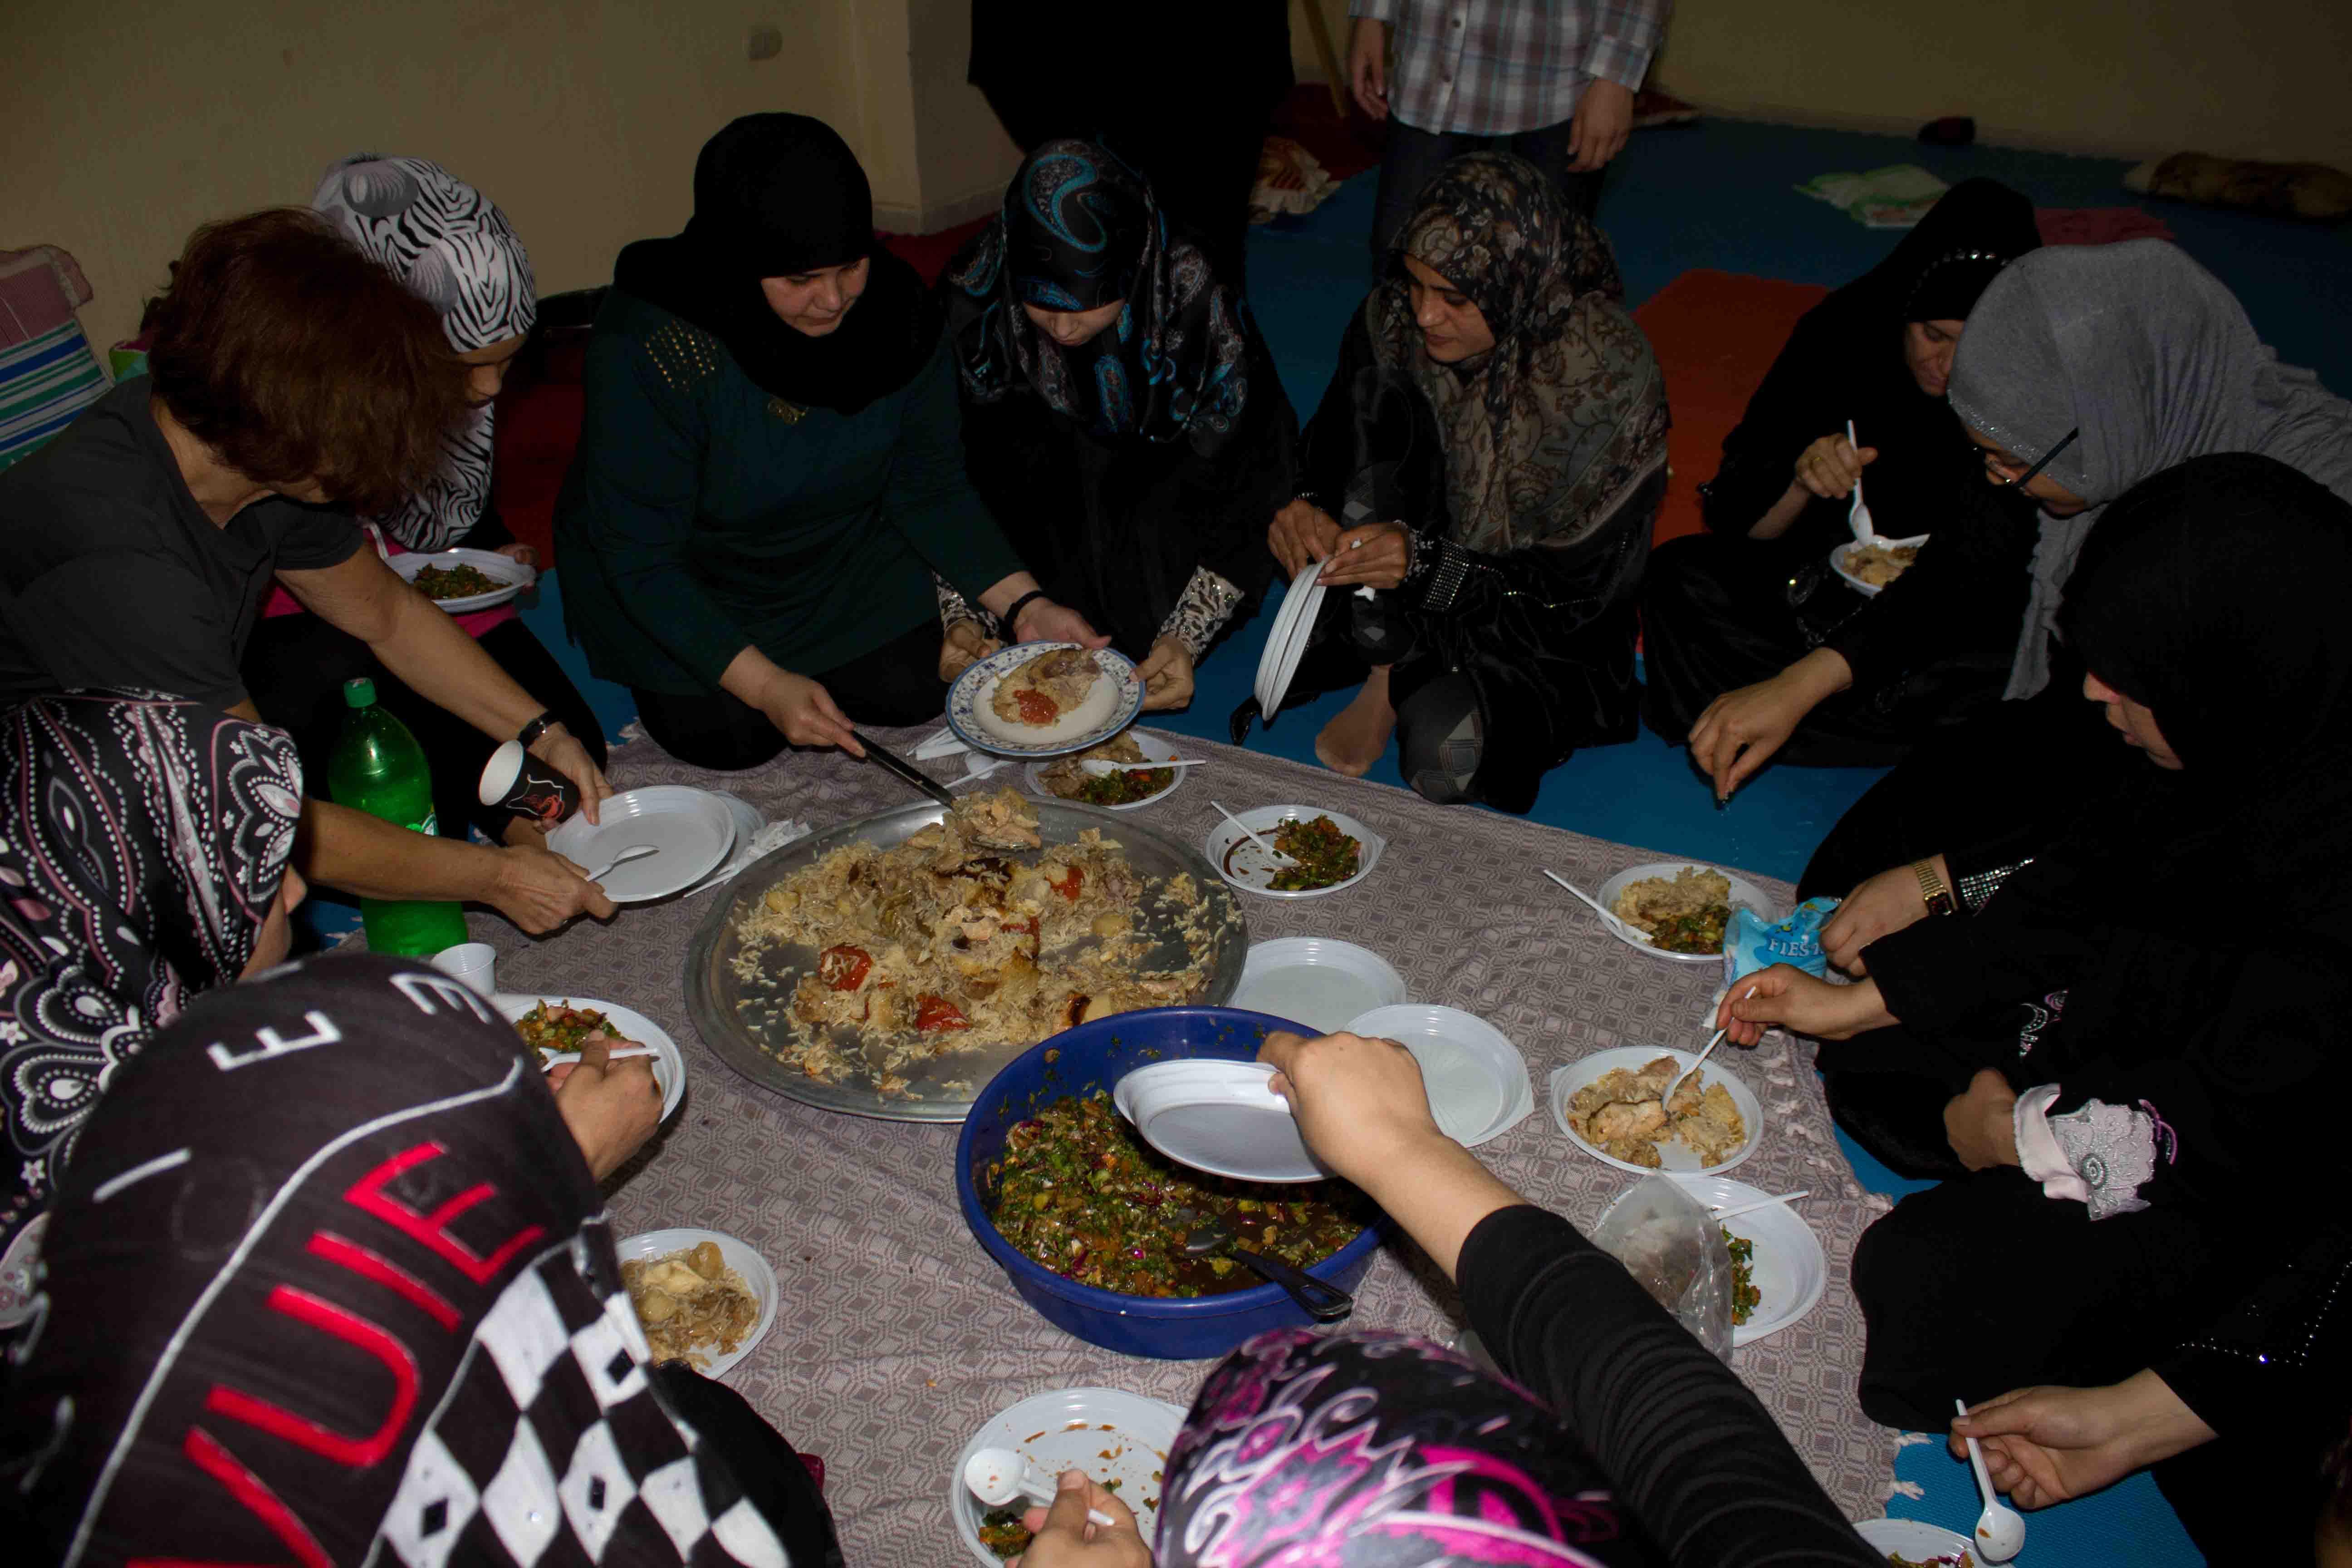 E pur si mangia shiatsu cucina e simpatia a bourj el - Cucina in simpatia ...